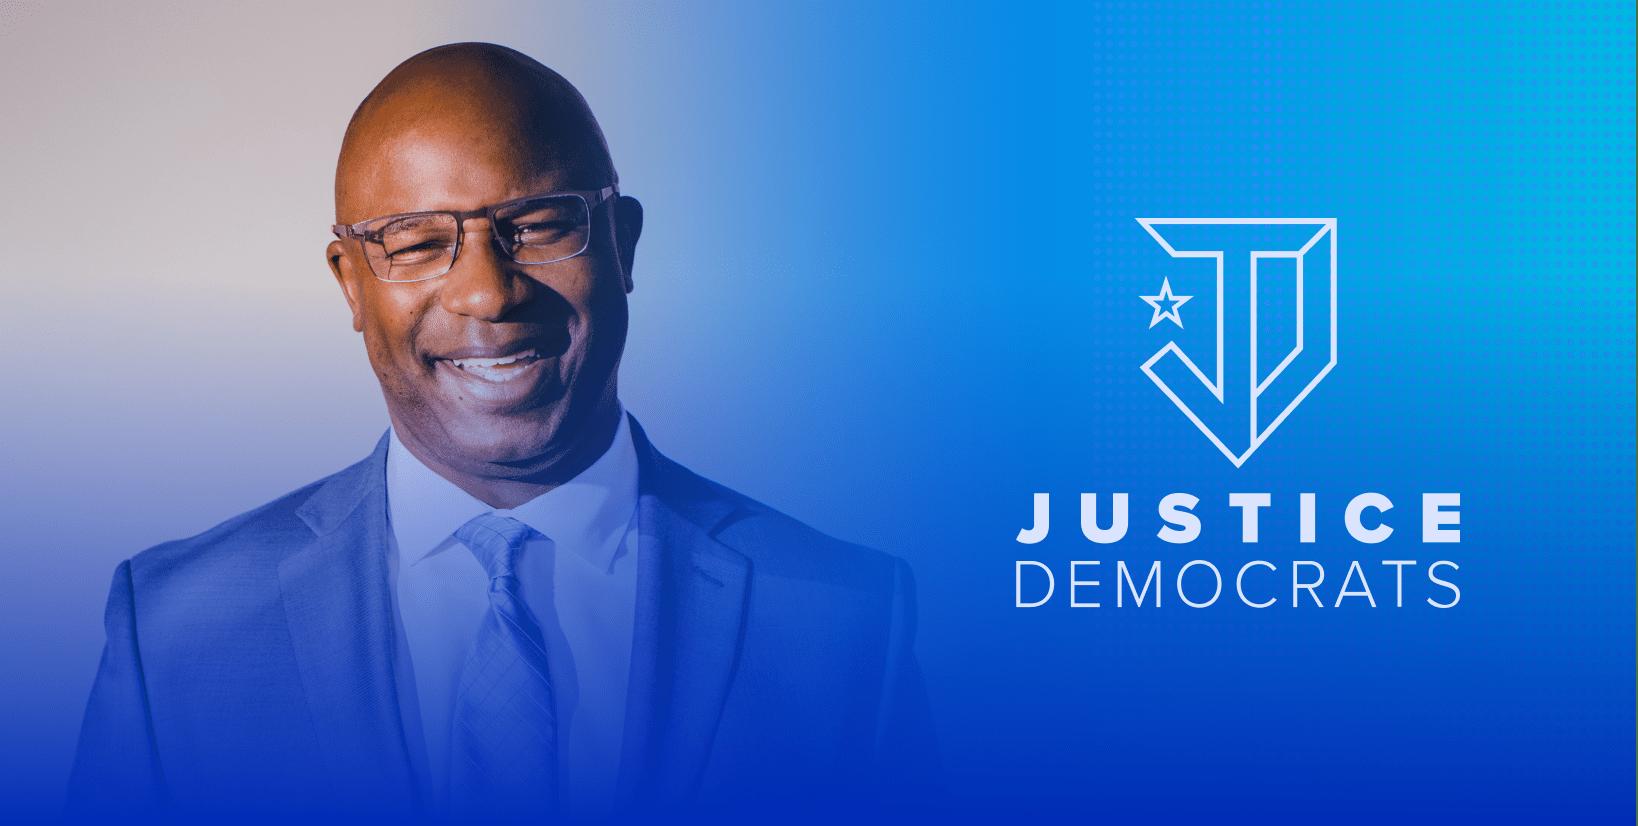 JusticeDemocrats